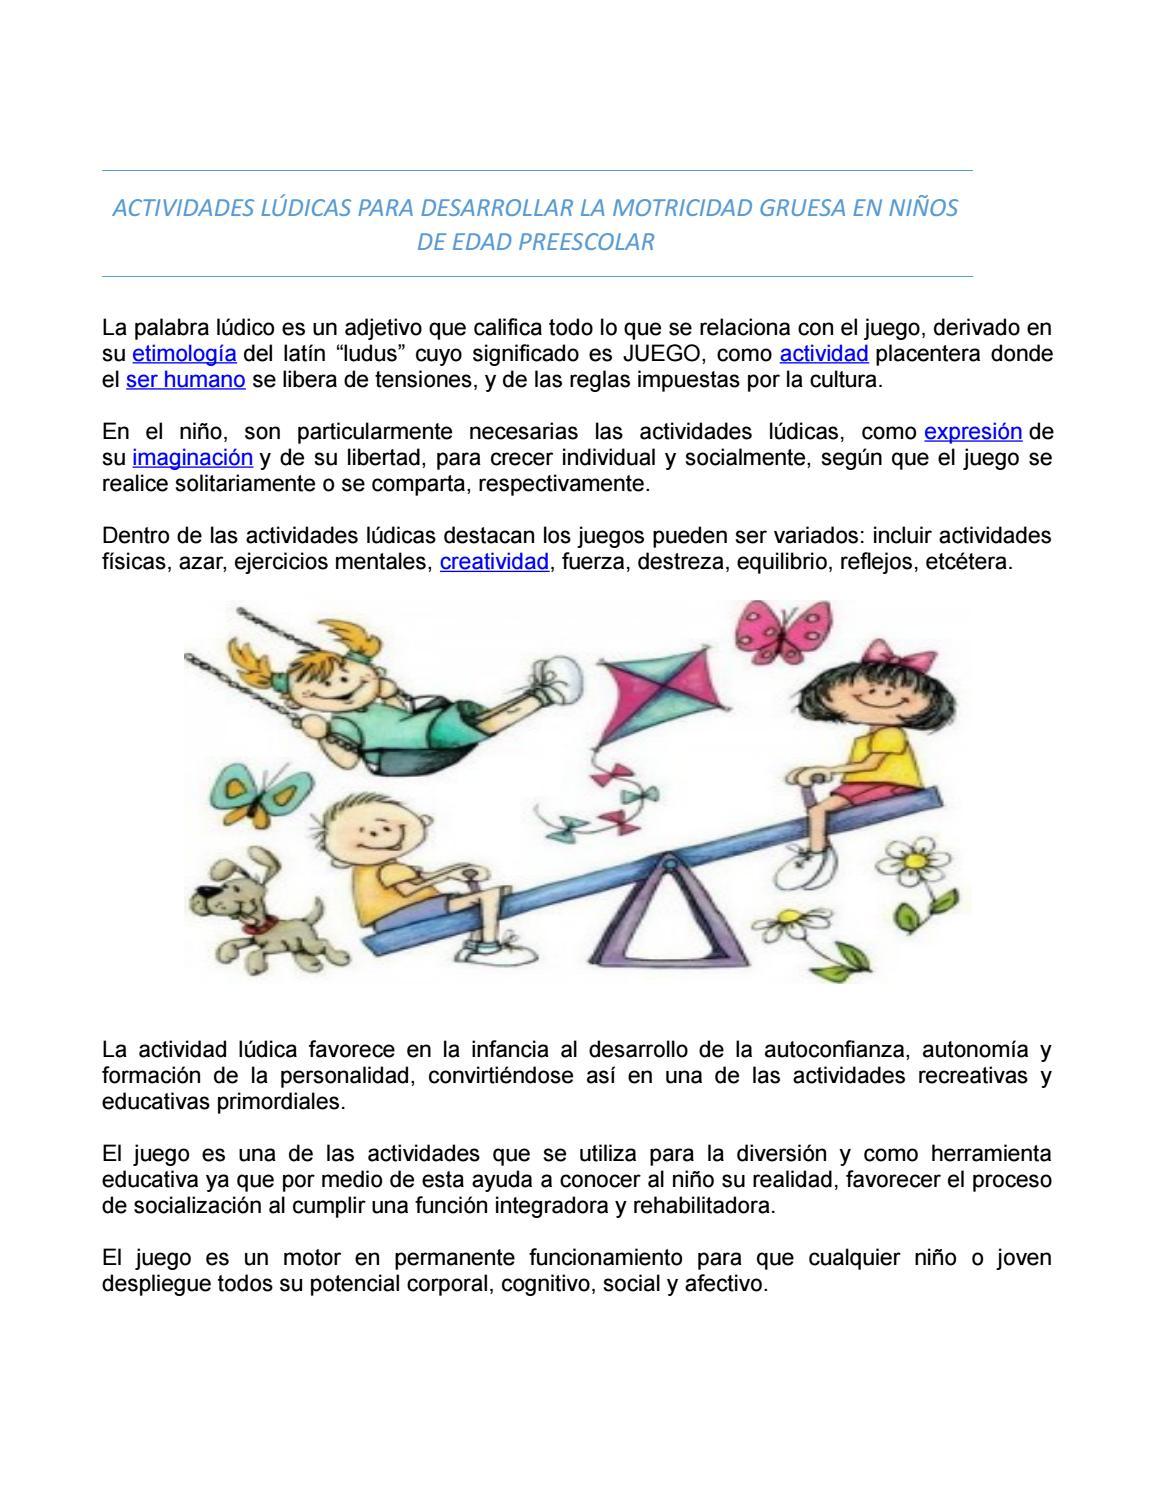 Actividades Lúcidas Para Desarrollar La Motricidad Gruesa En Niños De Edad Preescolar By Aury Issuu